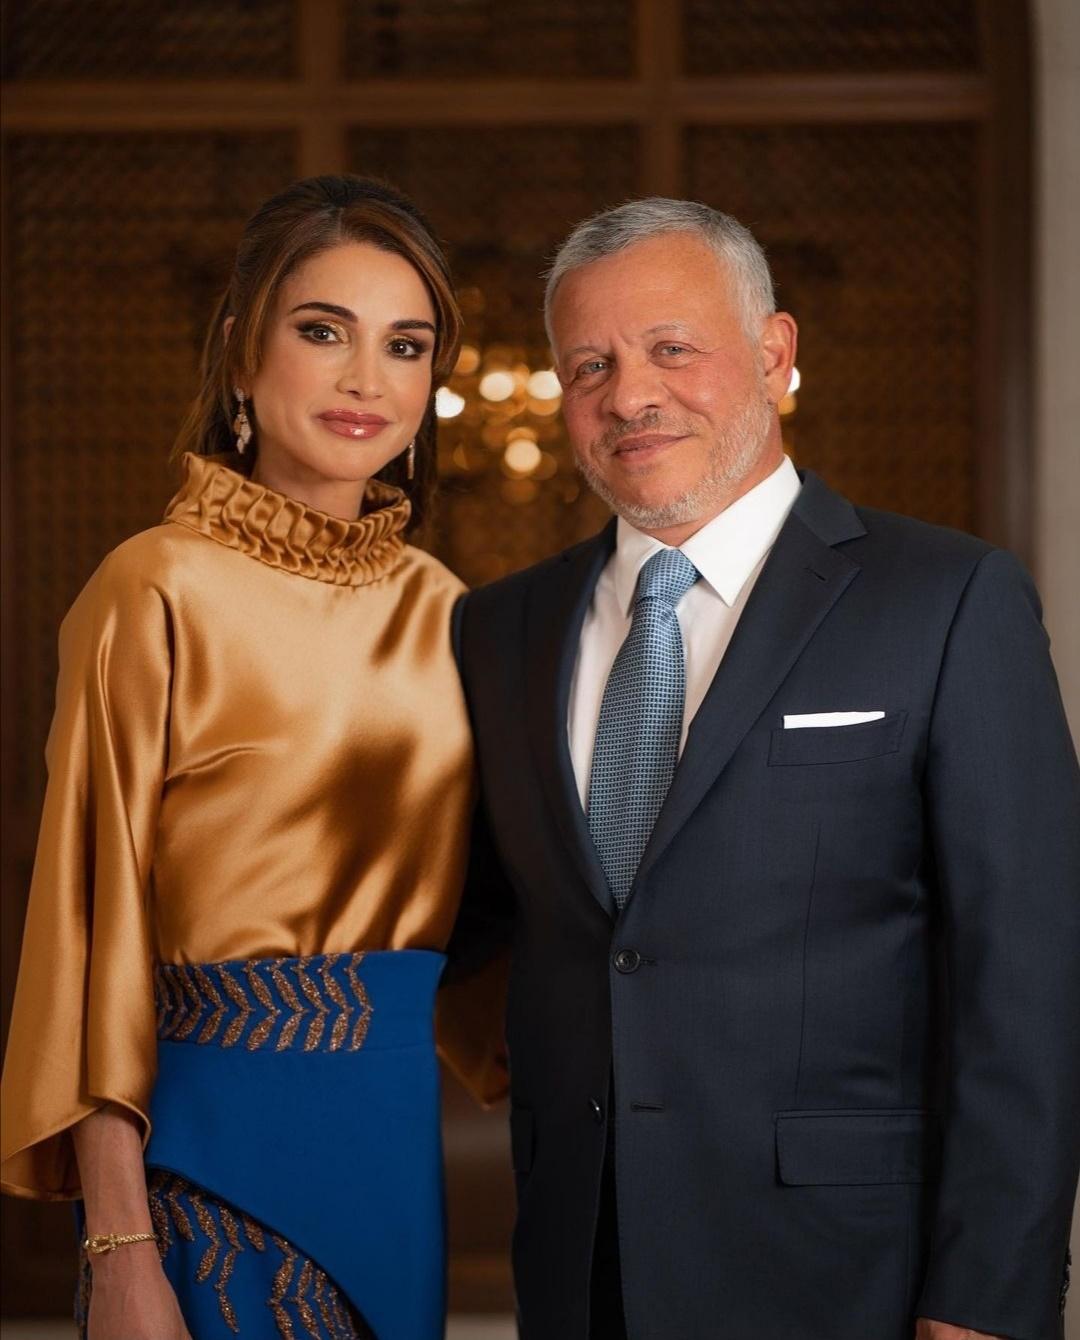 الملك عبدالله والملكة رانيا - الصورة من حساب الملكة رانيا على إنستغرام